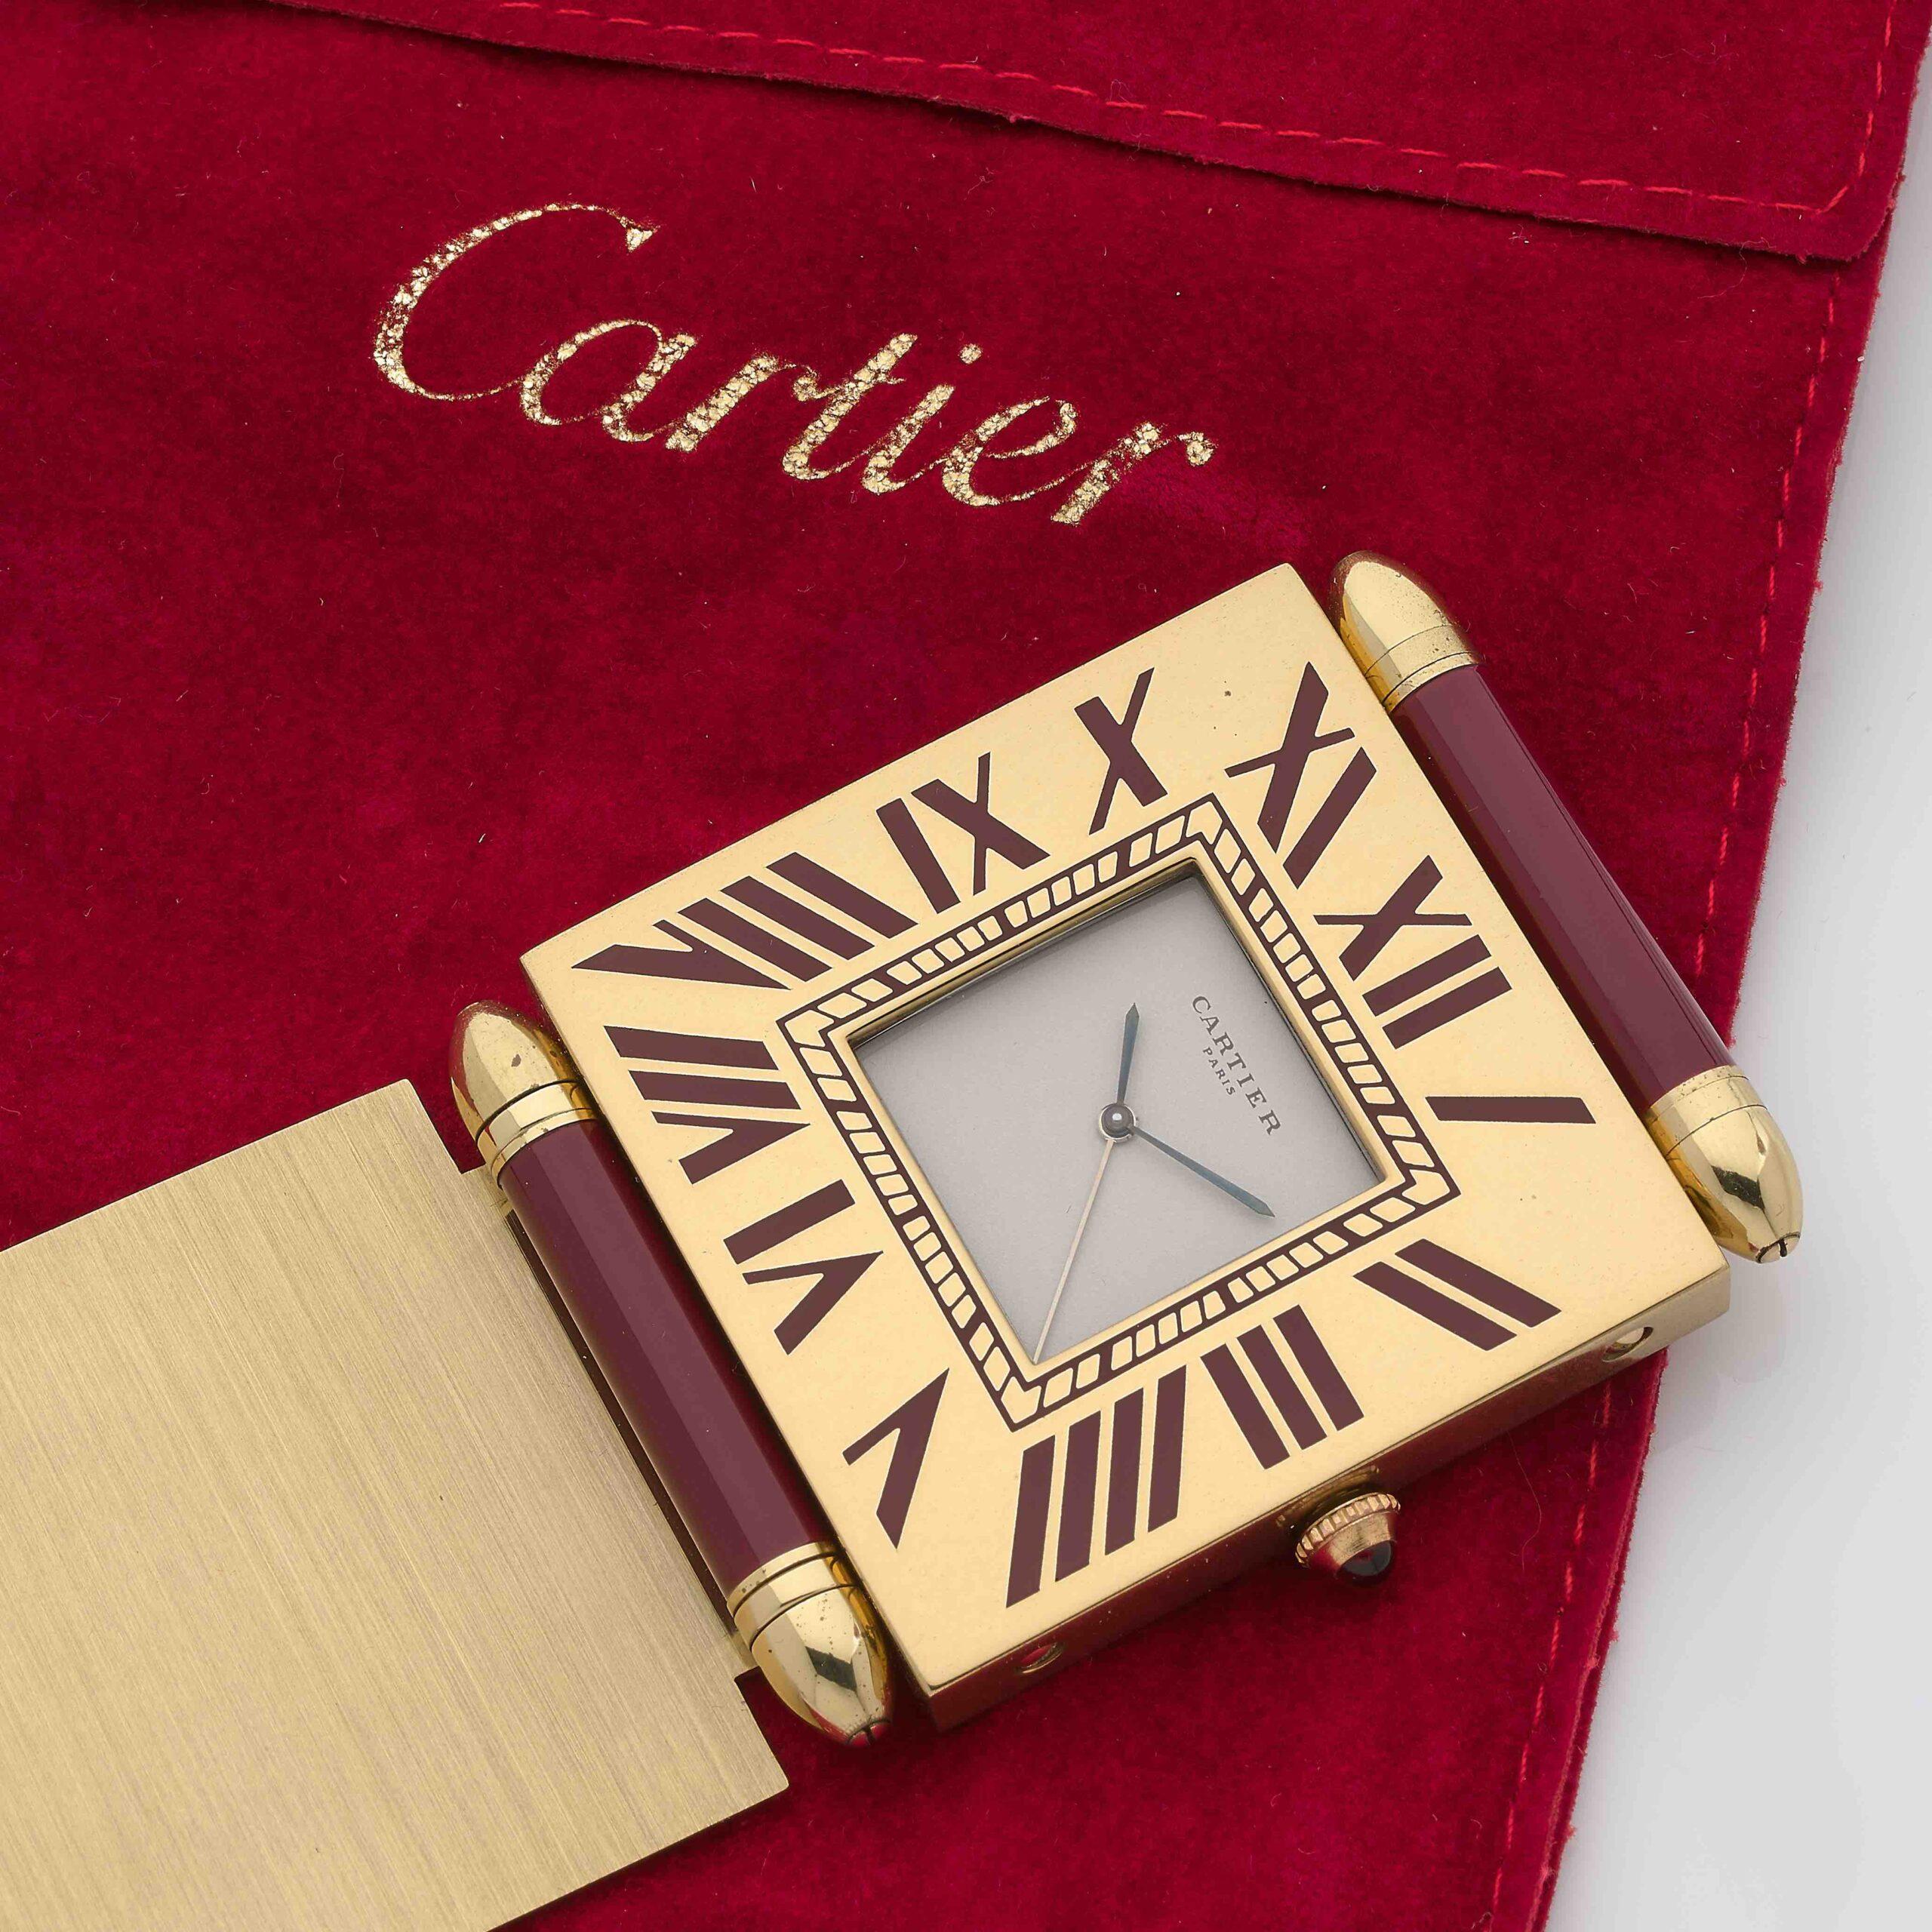 Online Only. Artcurial vira sulle aste solo sul web. In arrivo Hermès Vintage, gioielli e orologi